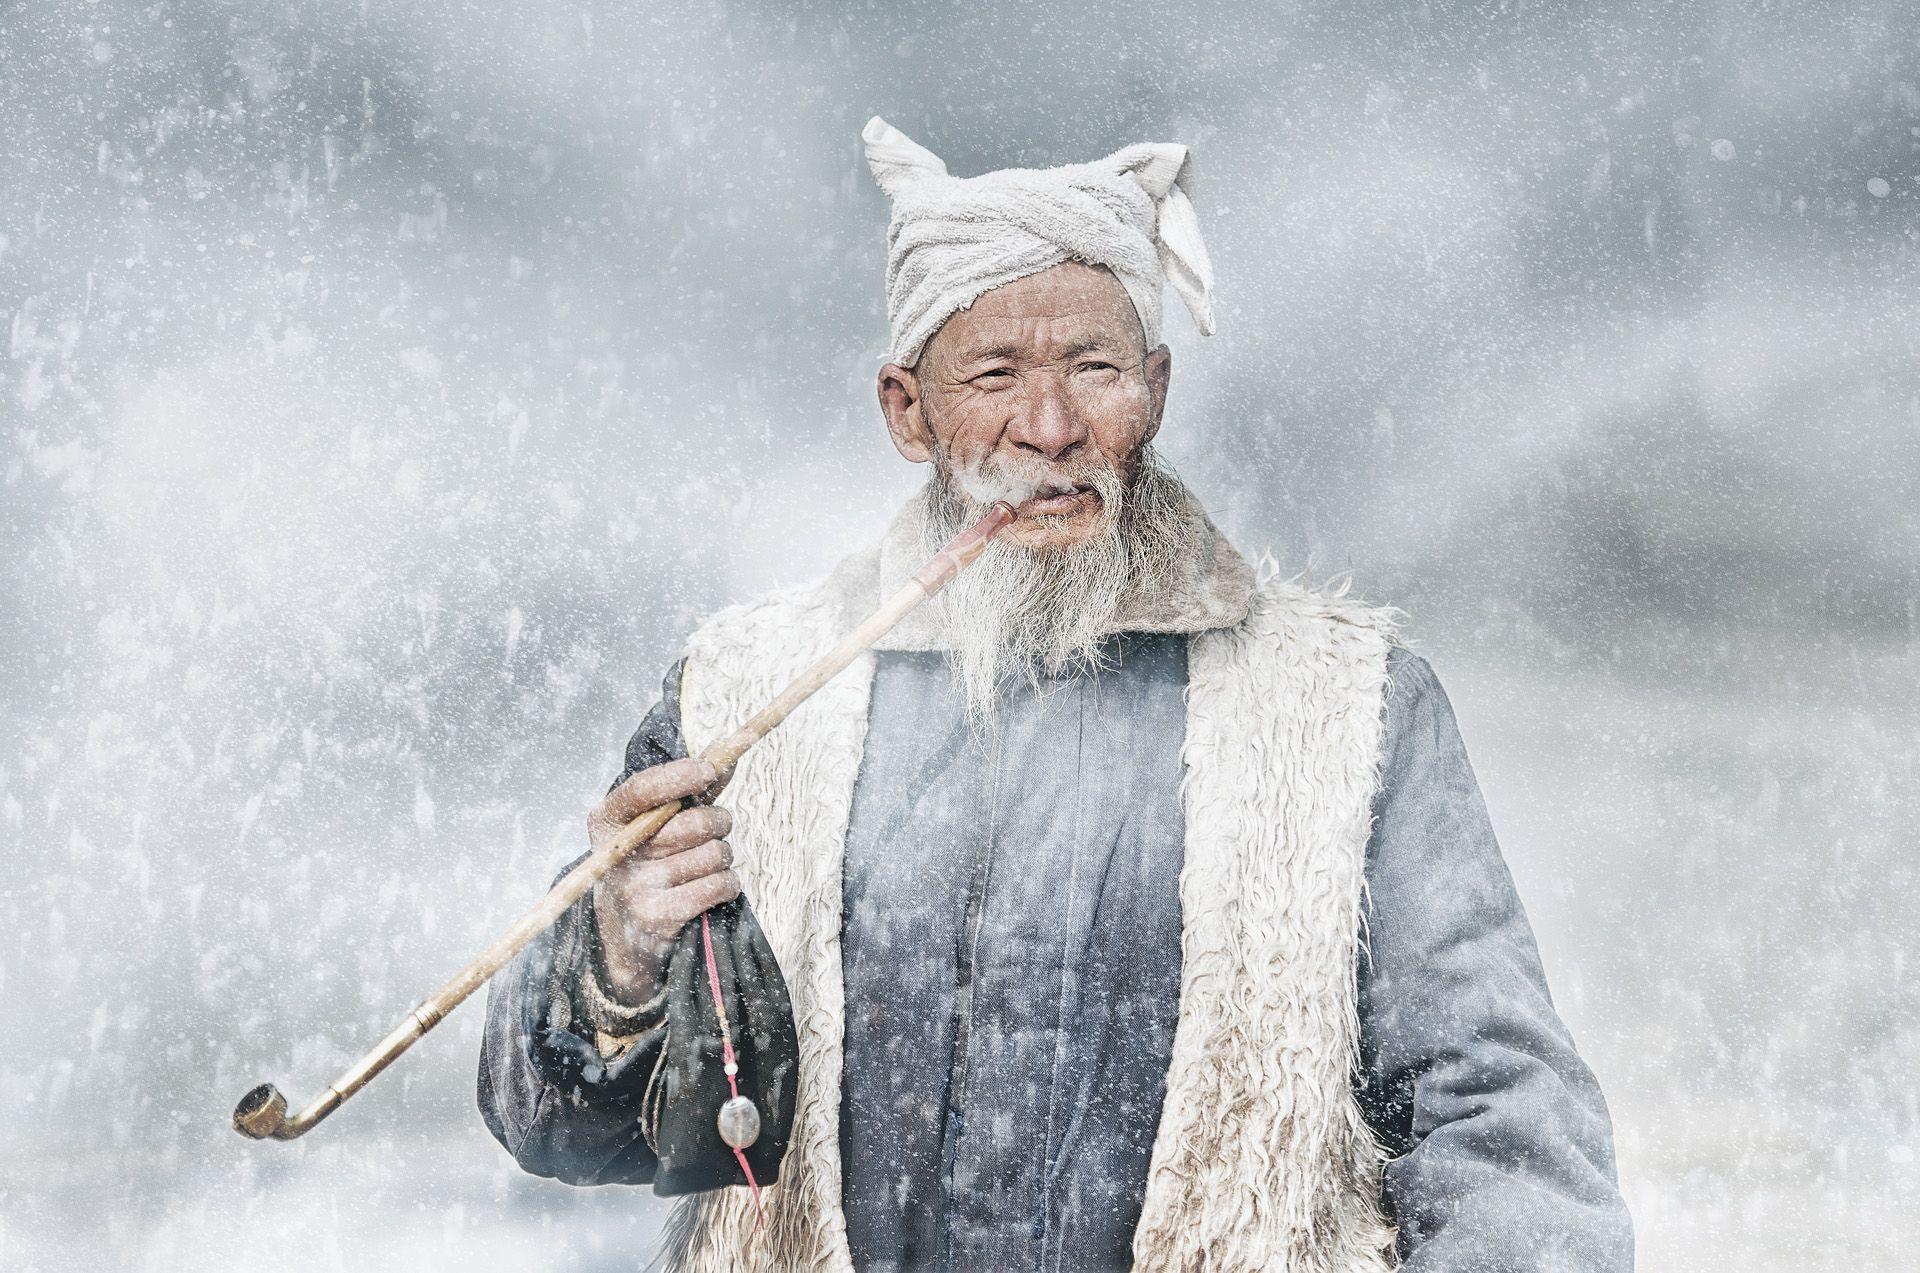 Elder of Dongbei